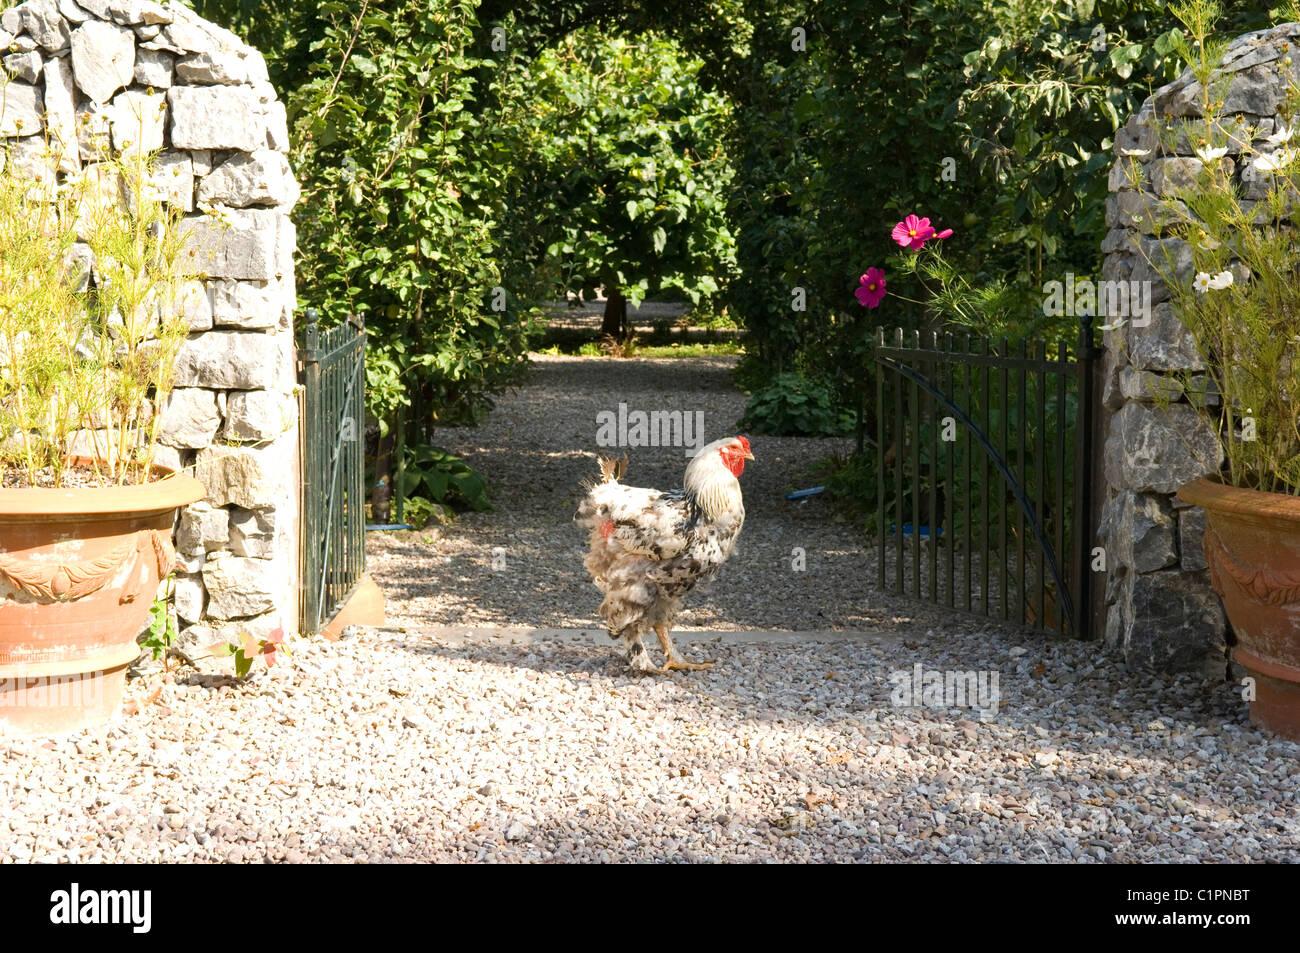 Republic of Ireland, Country Cork, Ballymaloe Cookery School, Cockerel standing at entrance of garden - Stock Image